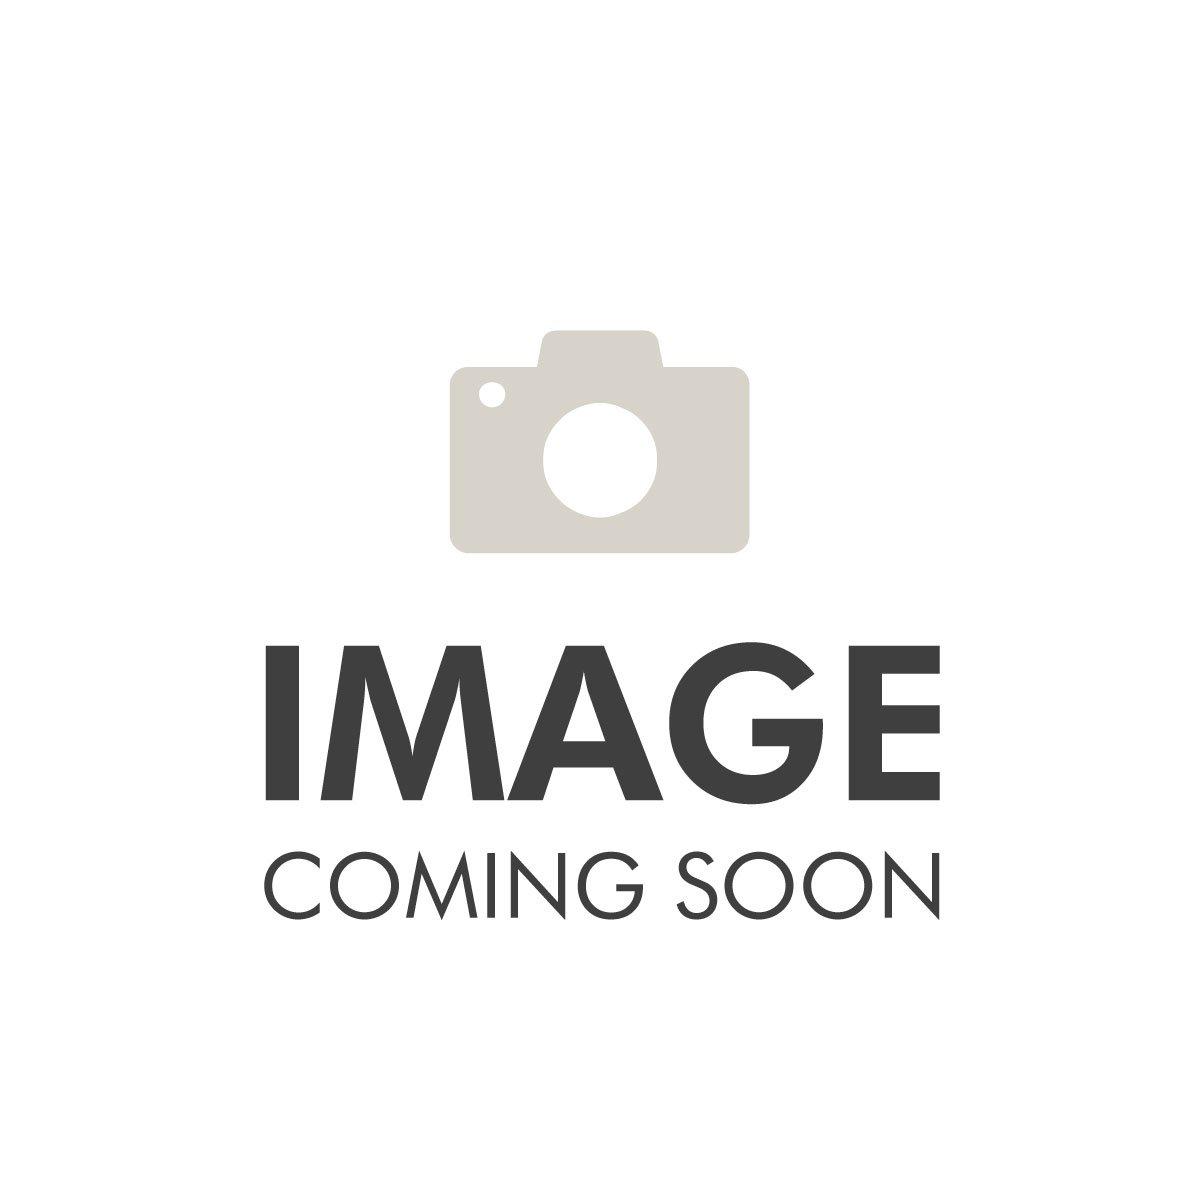 Bvlgari Aqua Divina 65ml EDT Spray